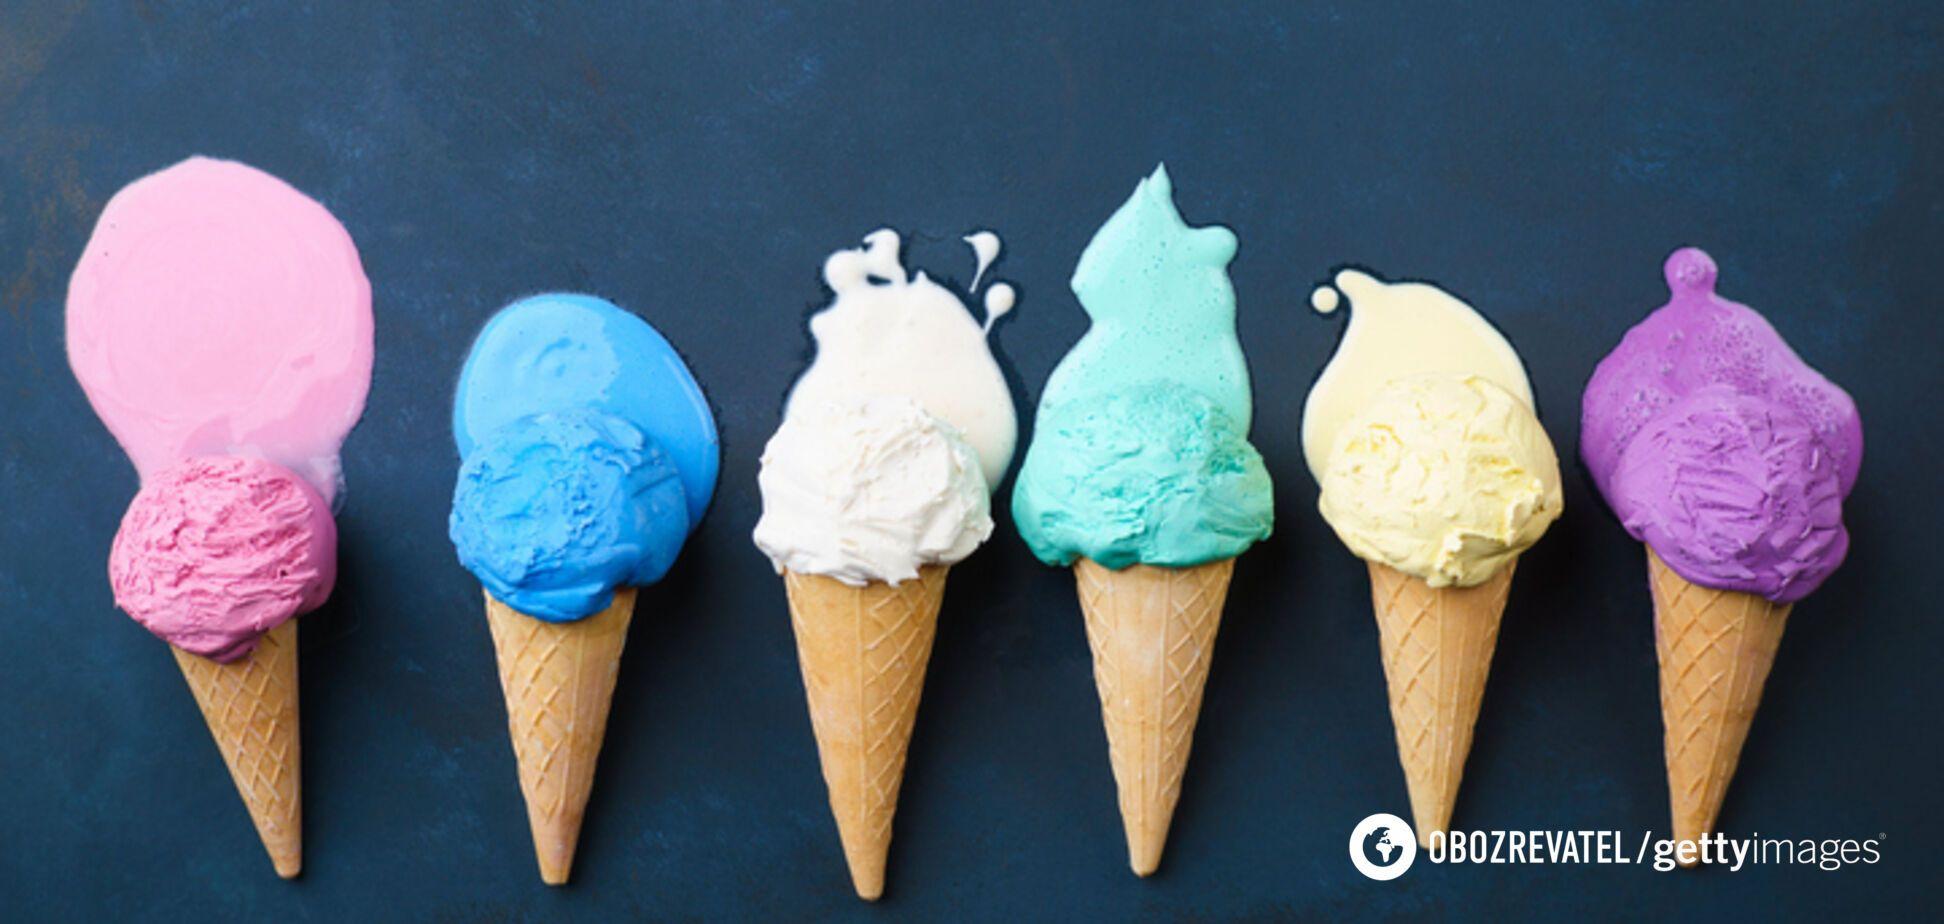 Як правильно вибрати і зберігати морозиво: топ-10 порад